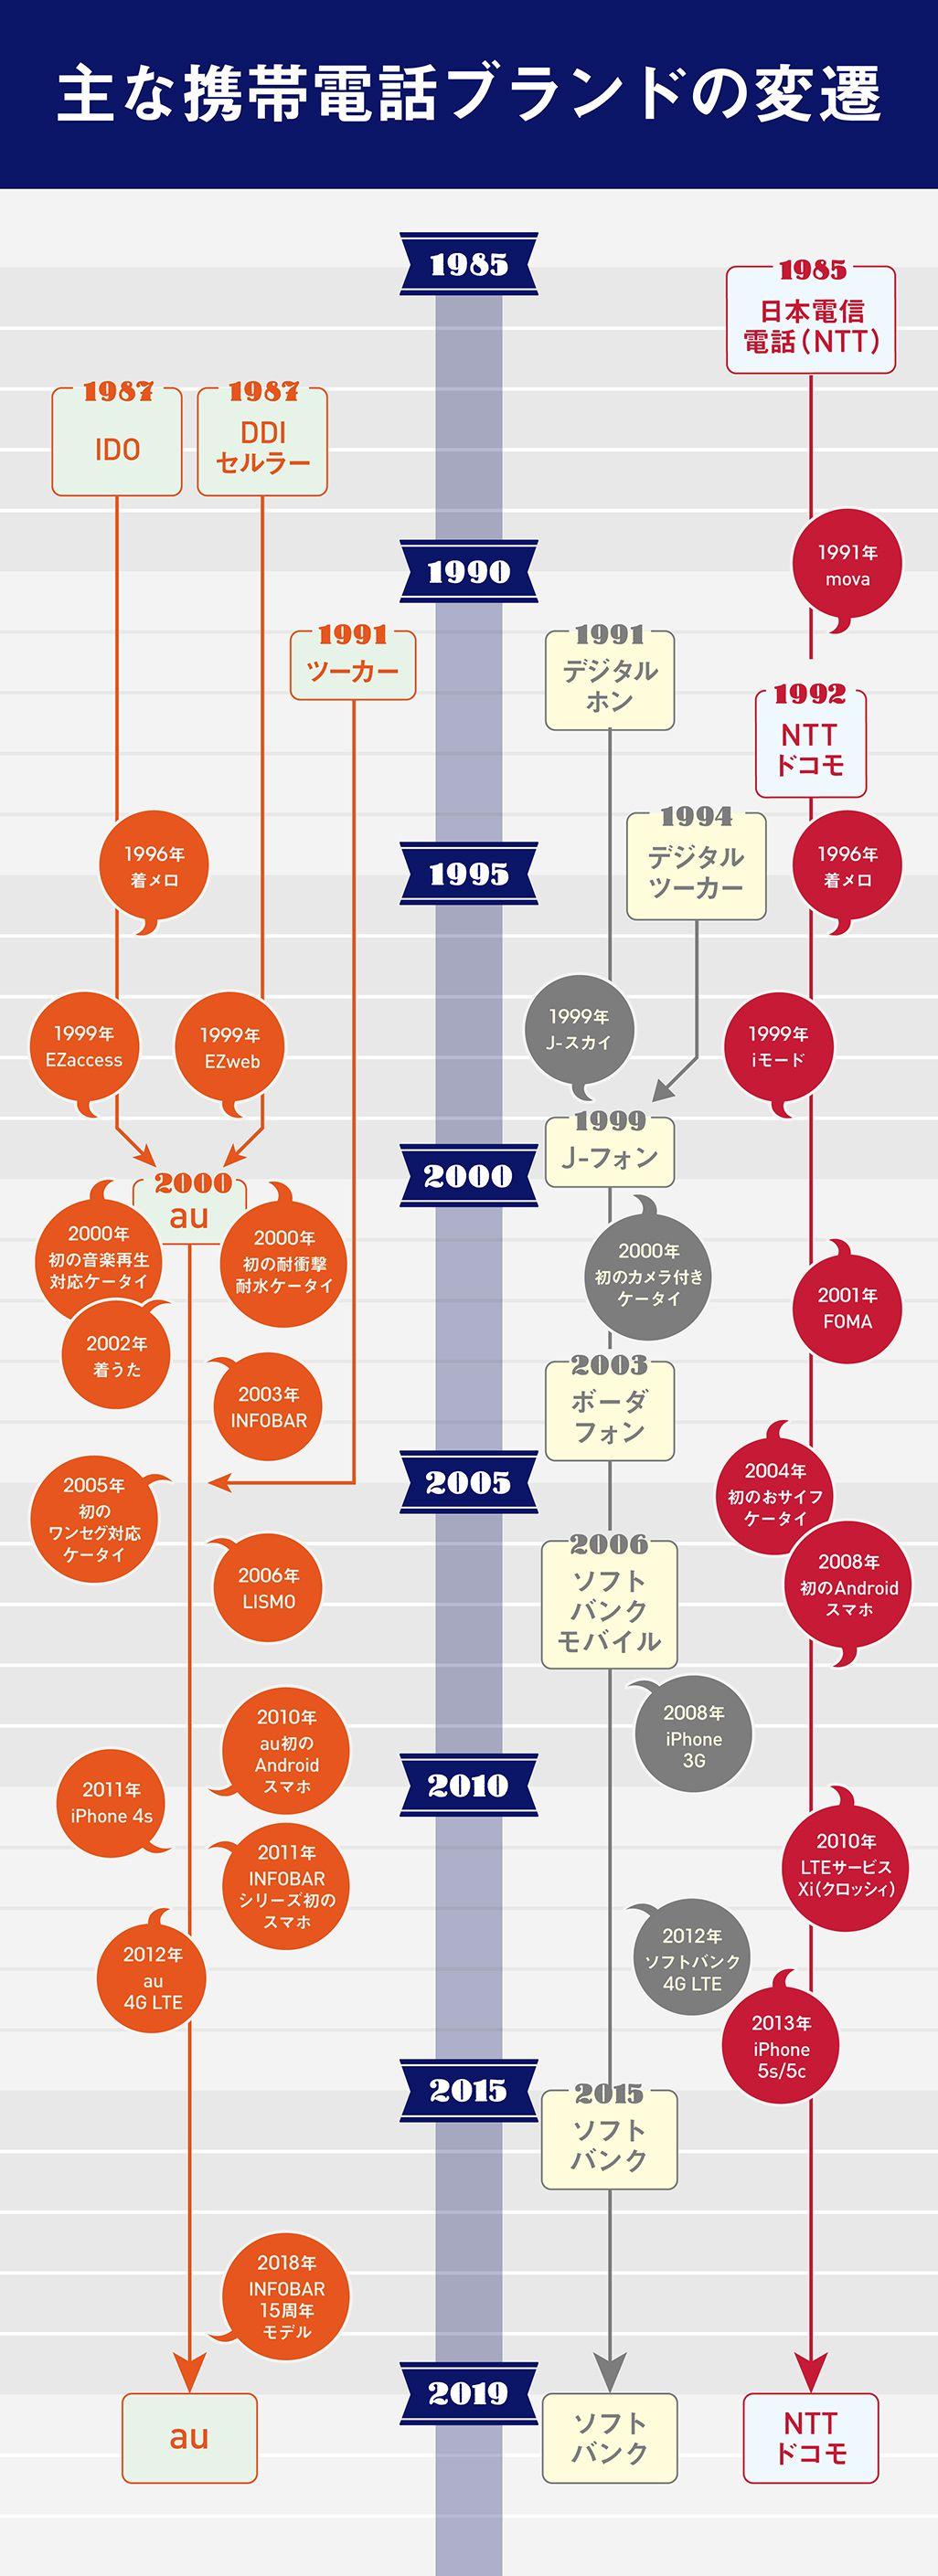 平成30年の主要通信事業者の変遷